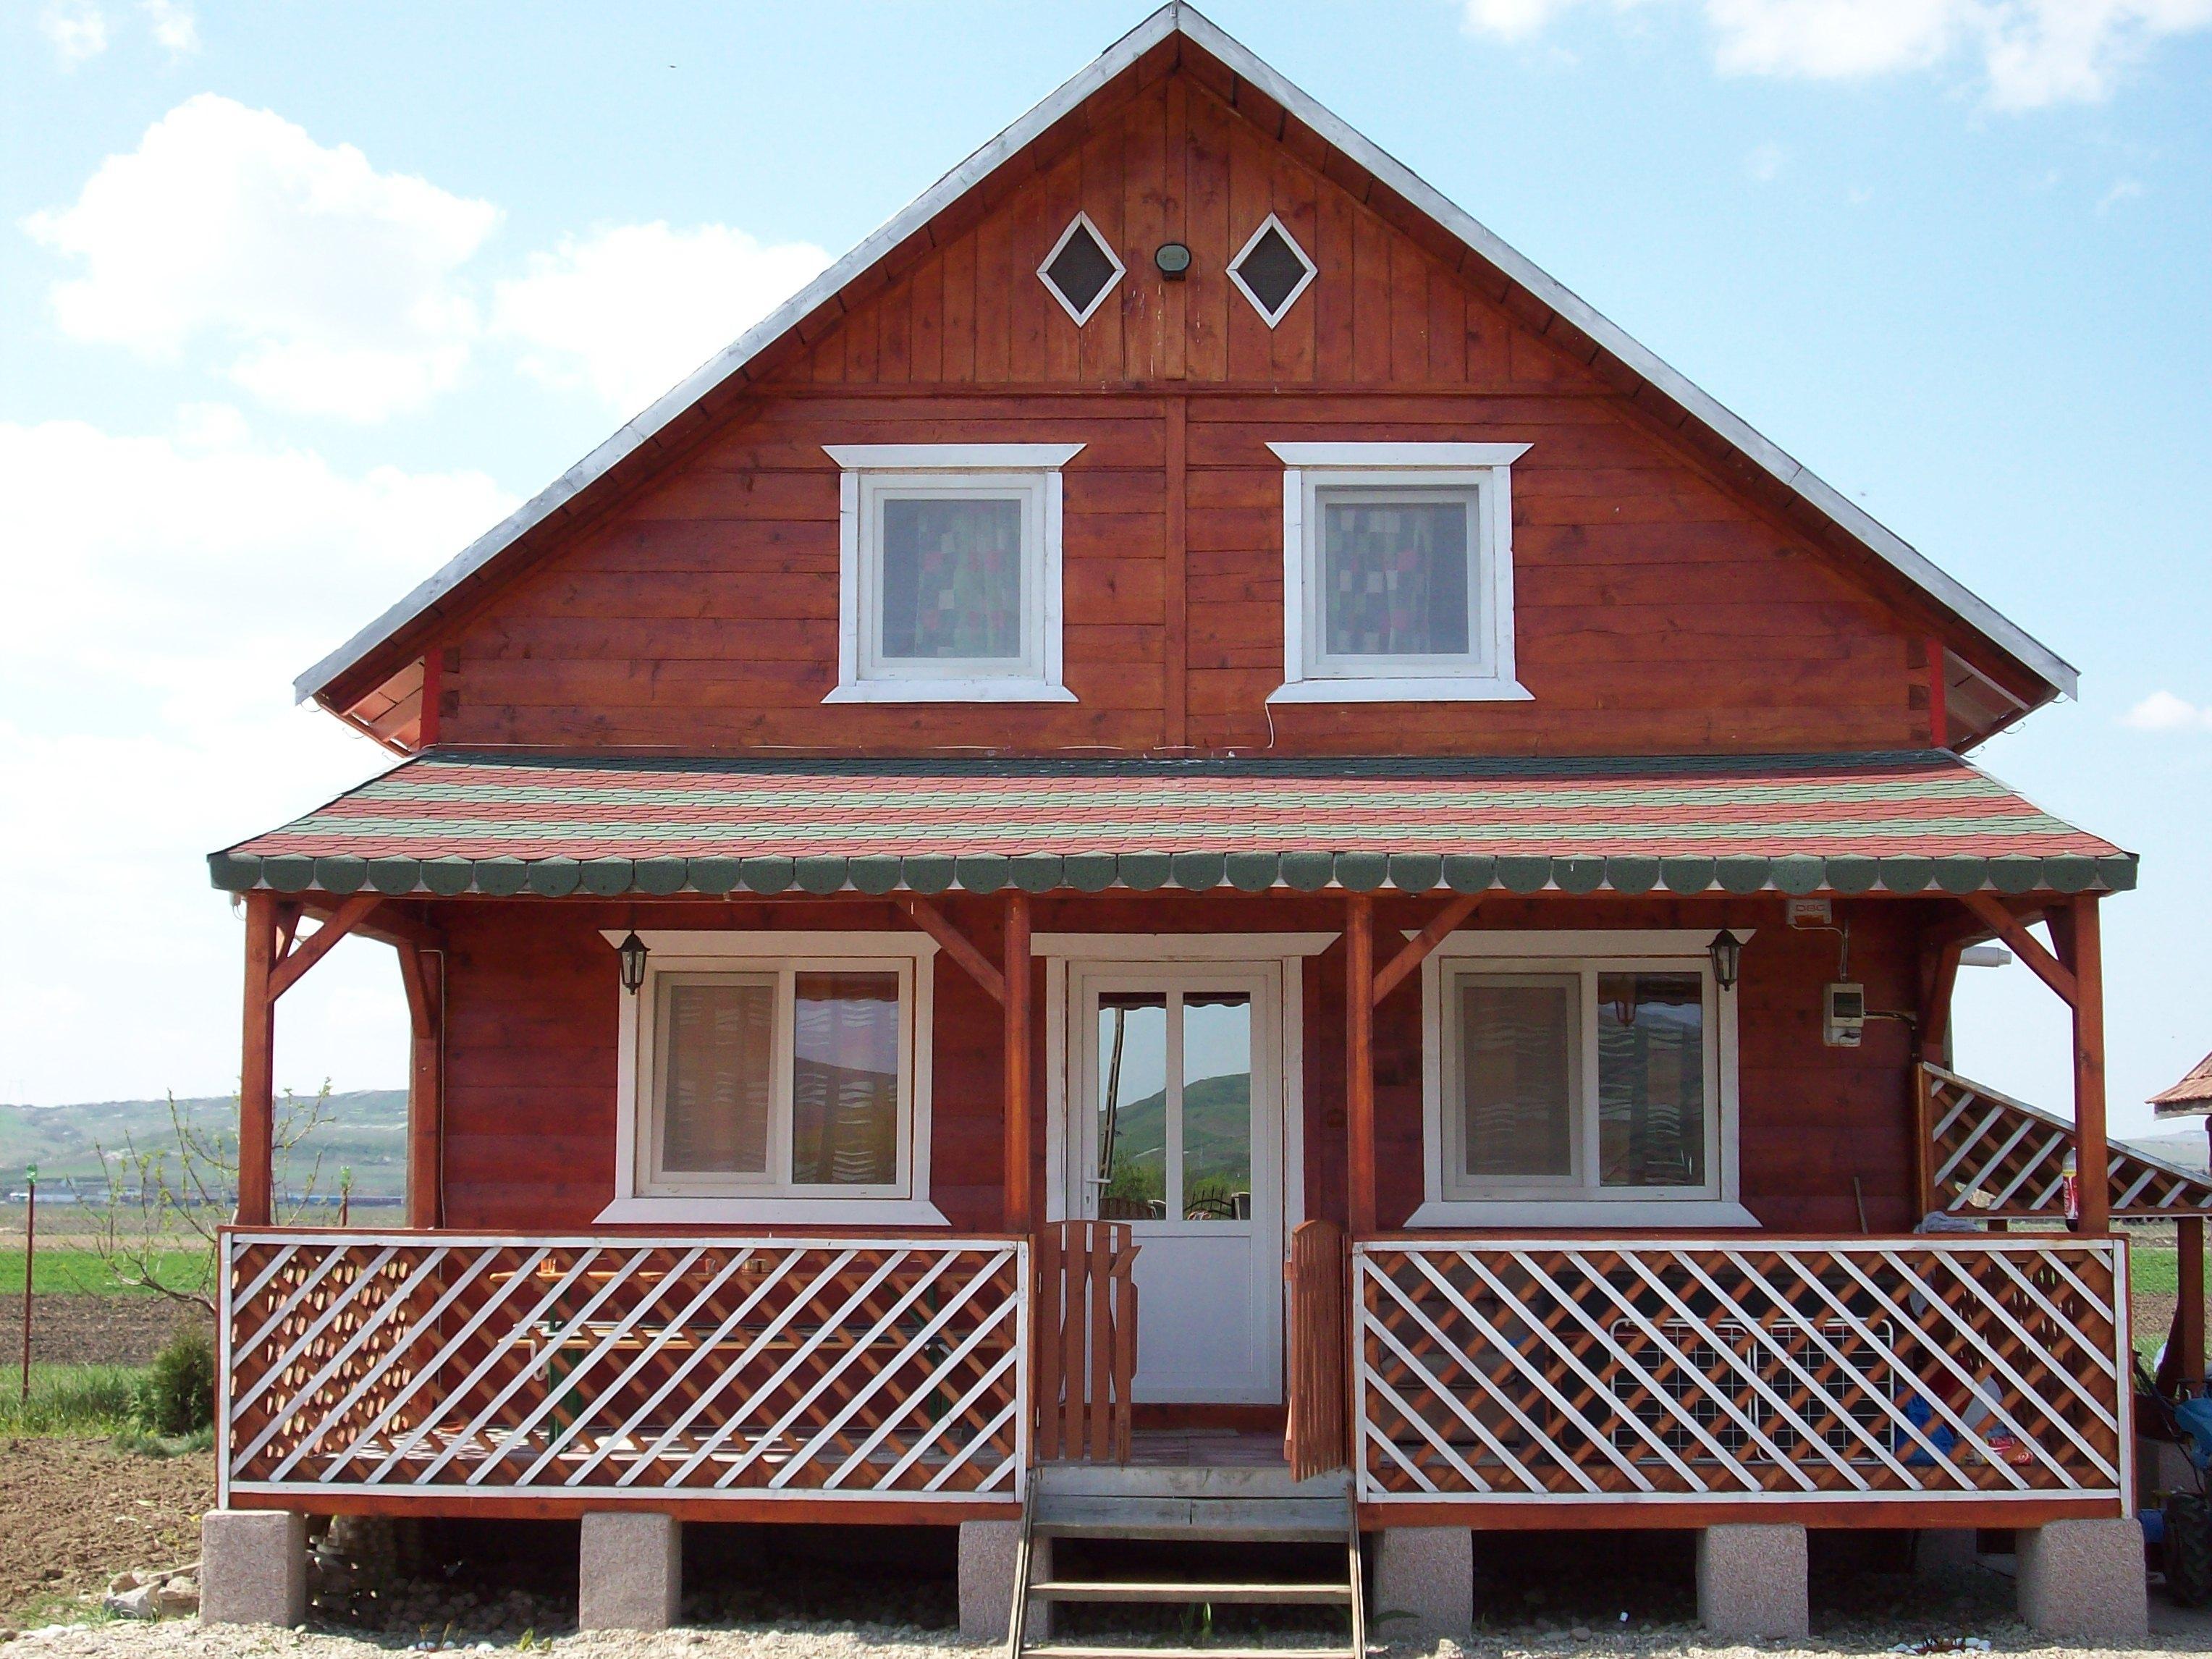 木头房子简单图片